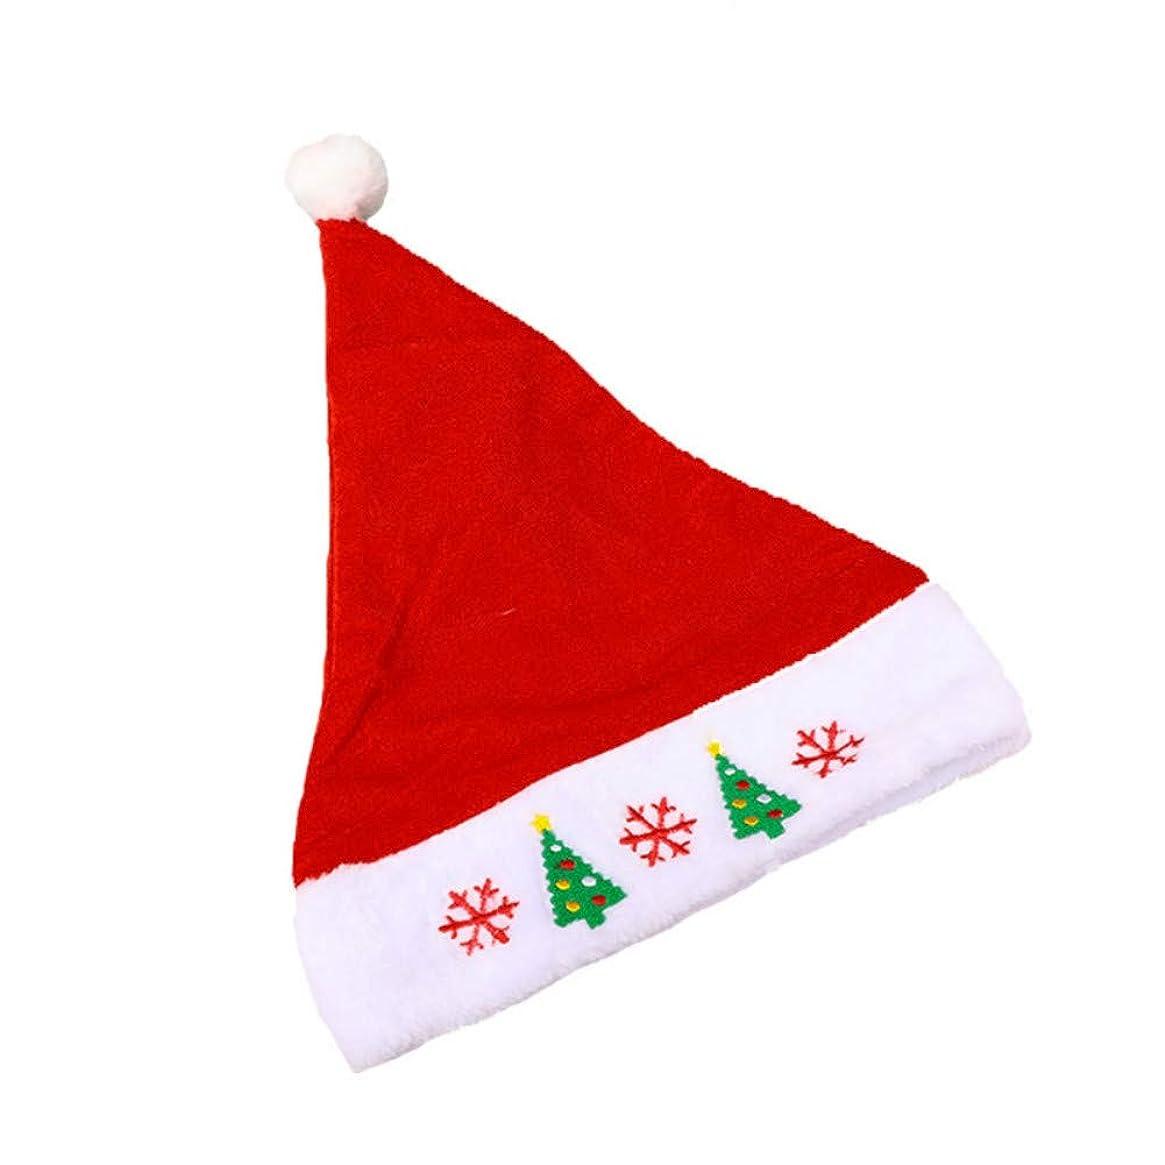 ほうきなだめるおじさんサンタ帽子 クリスマス帽子 コスプレ 変装 パーティー 大人用コスチューム用小物 クリスマスコスプレ 仮装 衣装 コスチュームグッズ メンズ レディース共用 (クリスマスツリー)